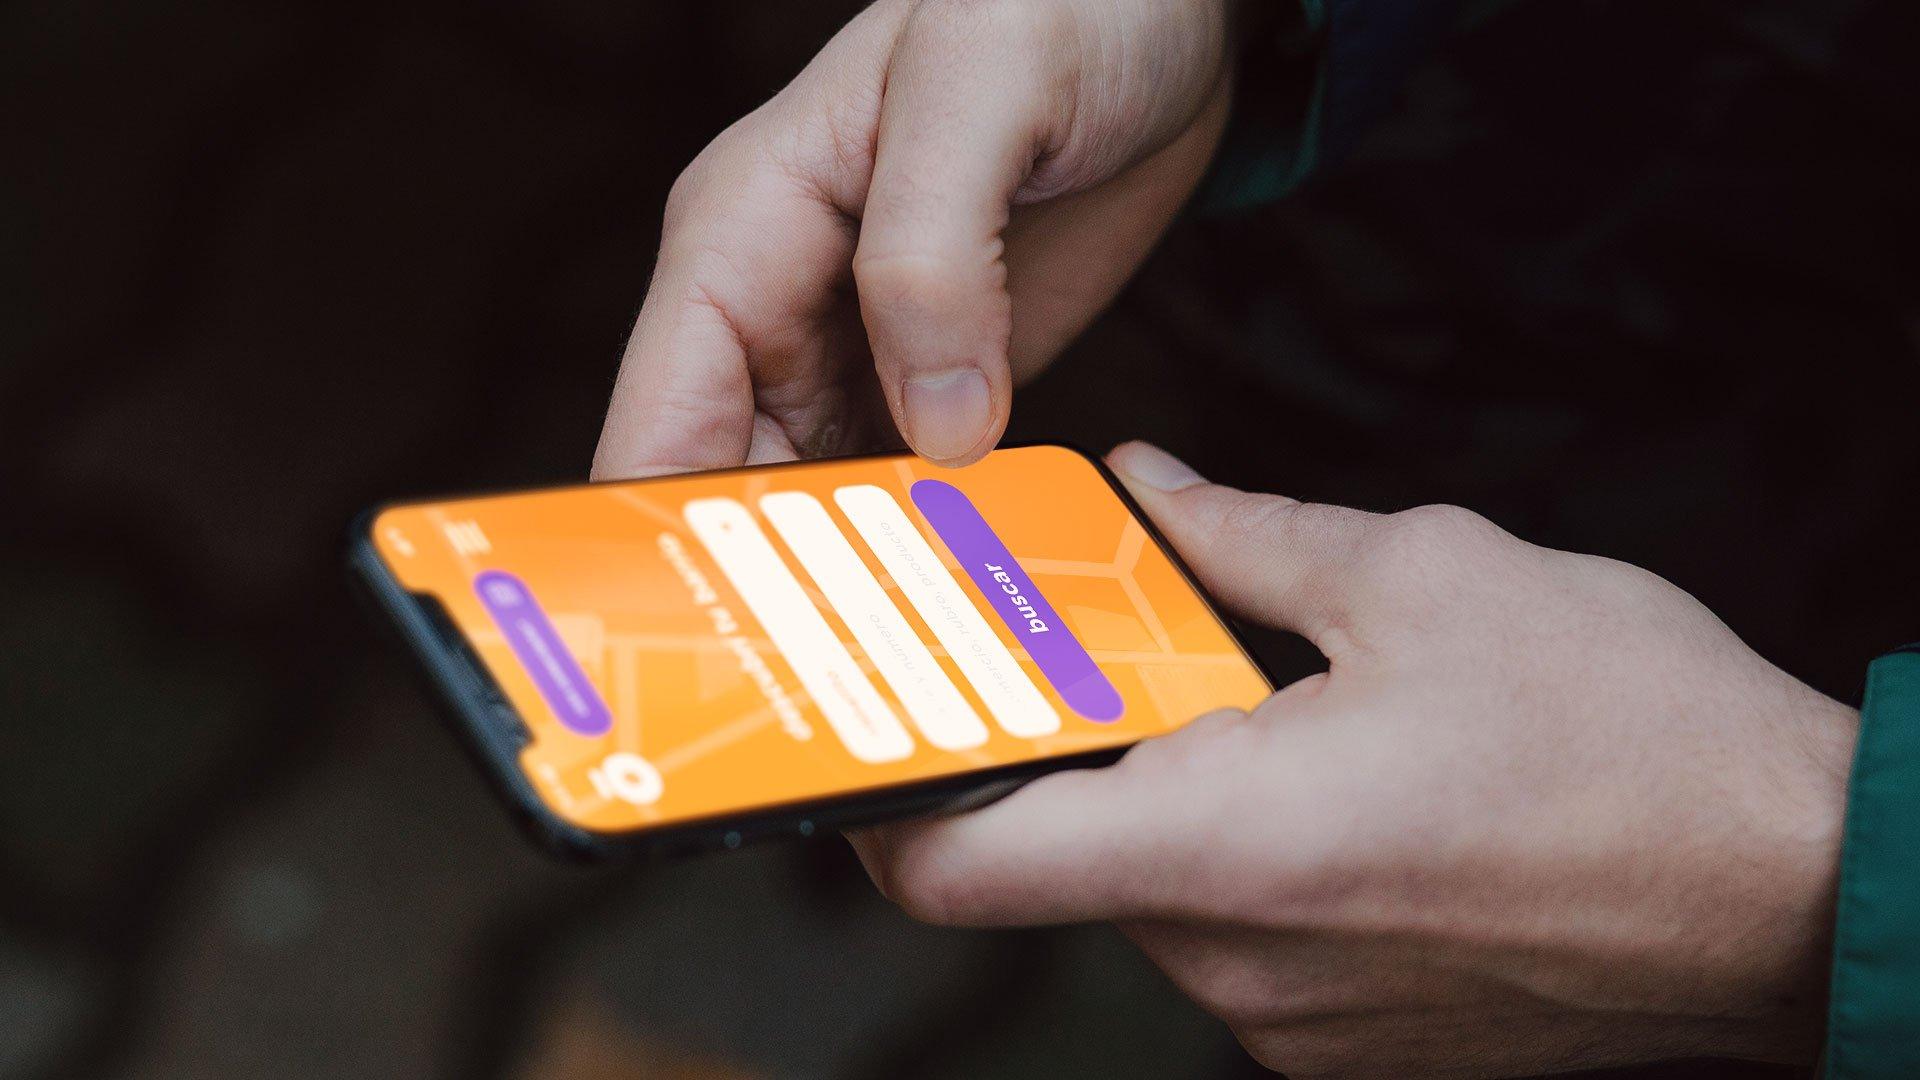 UX mobile web app front end